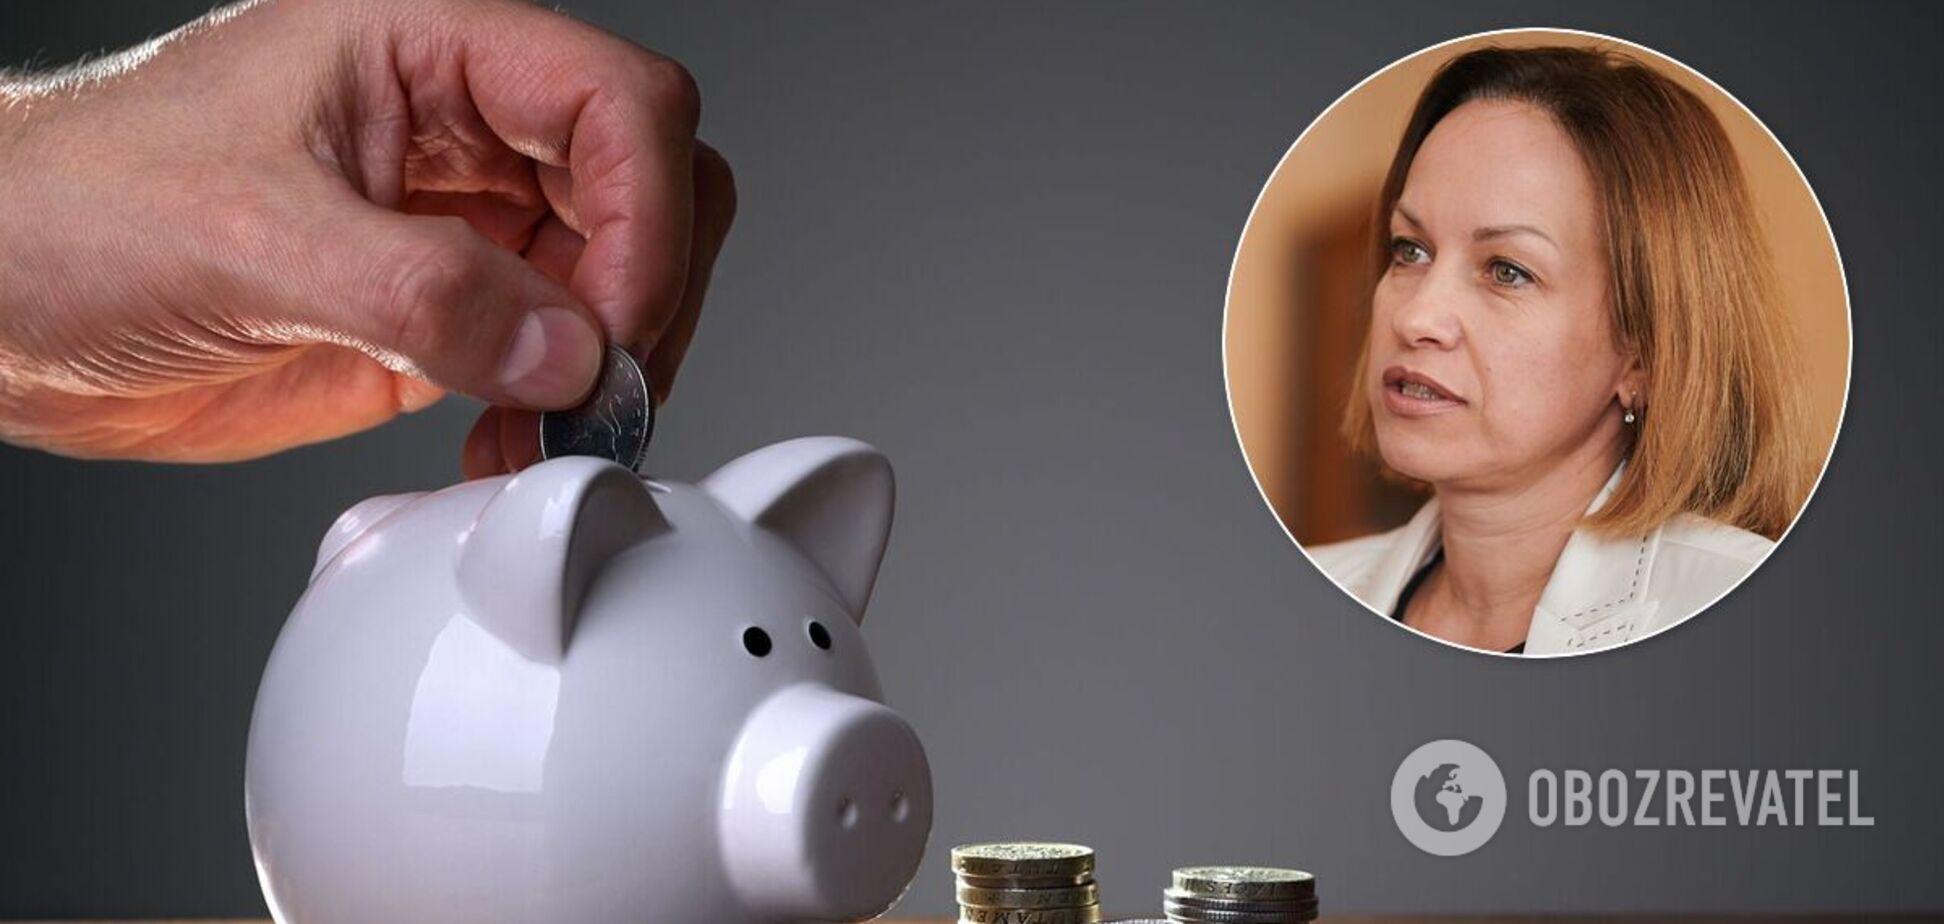 Лазебная рассказала о запуске накопительной пенсионной системы